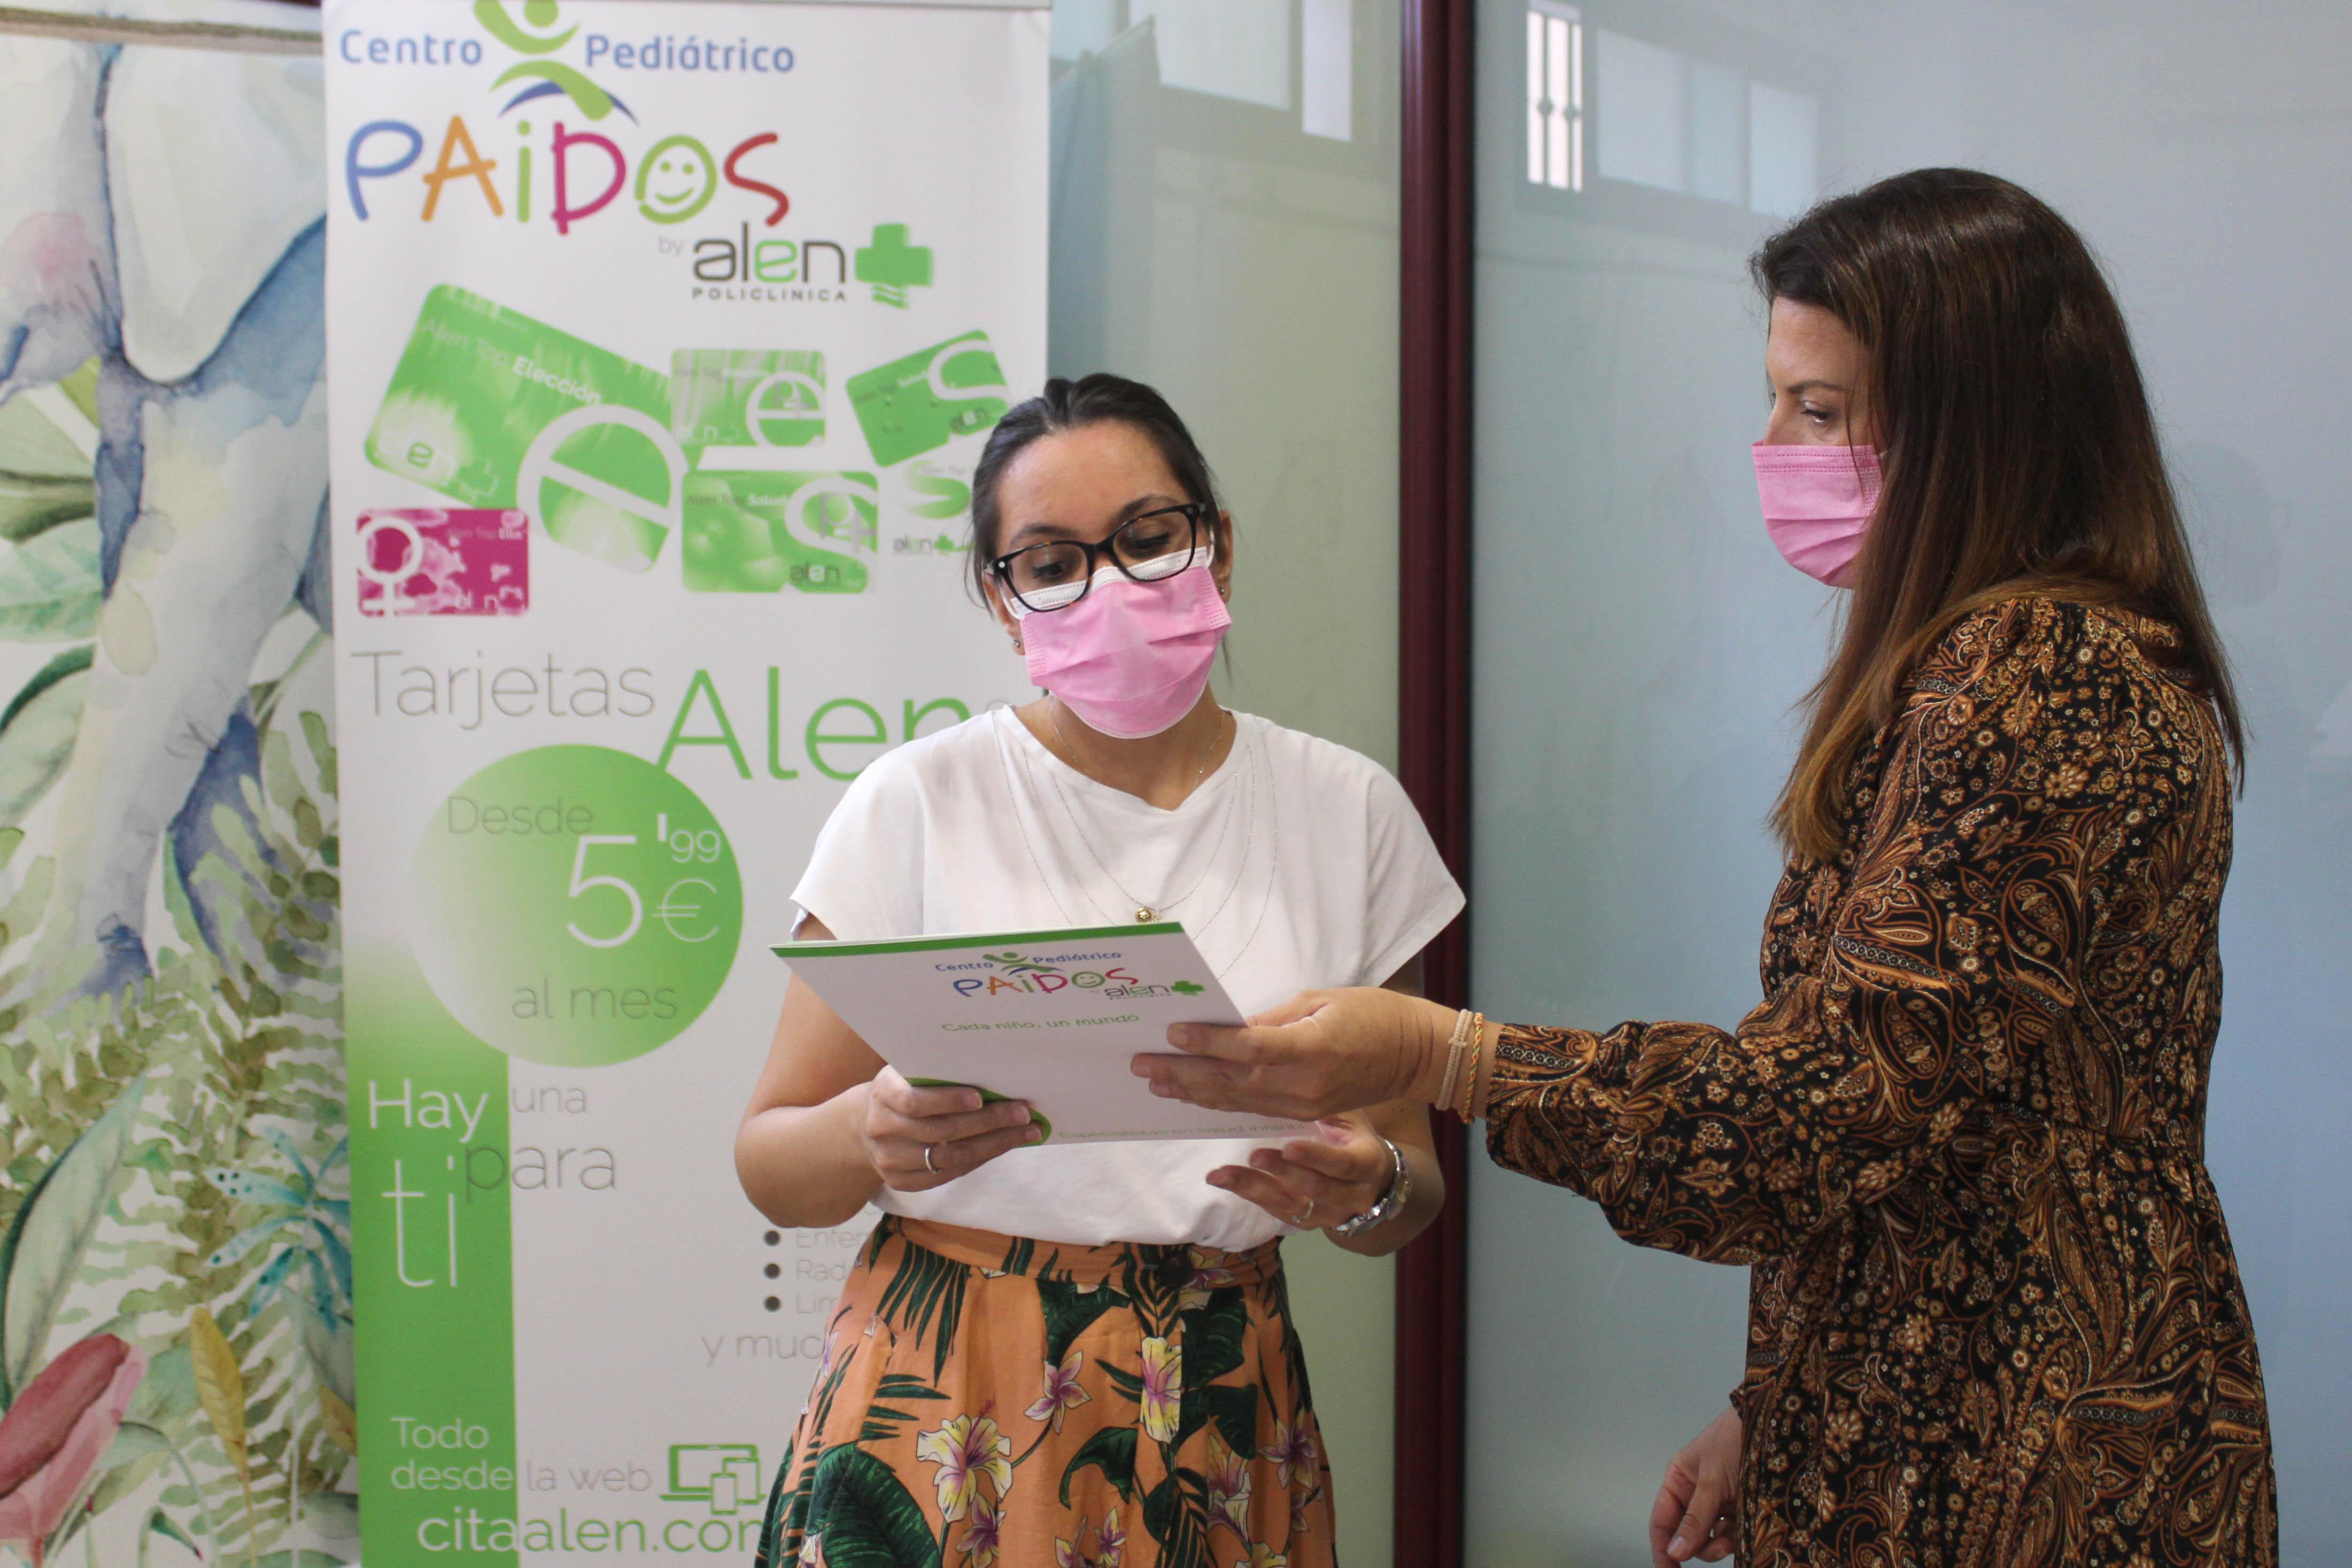 Paidos presta su colaboración para solicitar la ayuda a alumnos con necesidades especiales